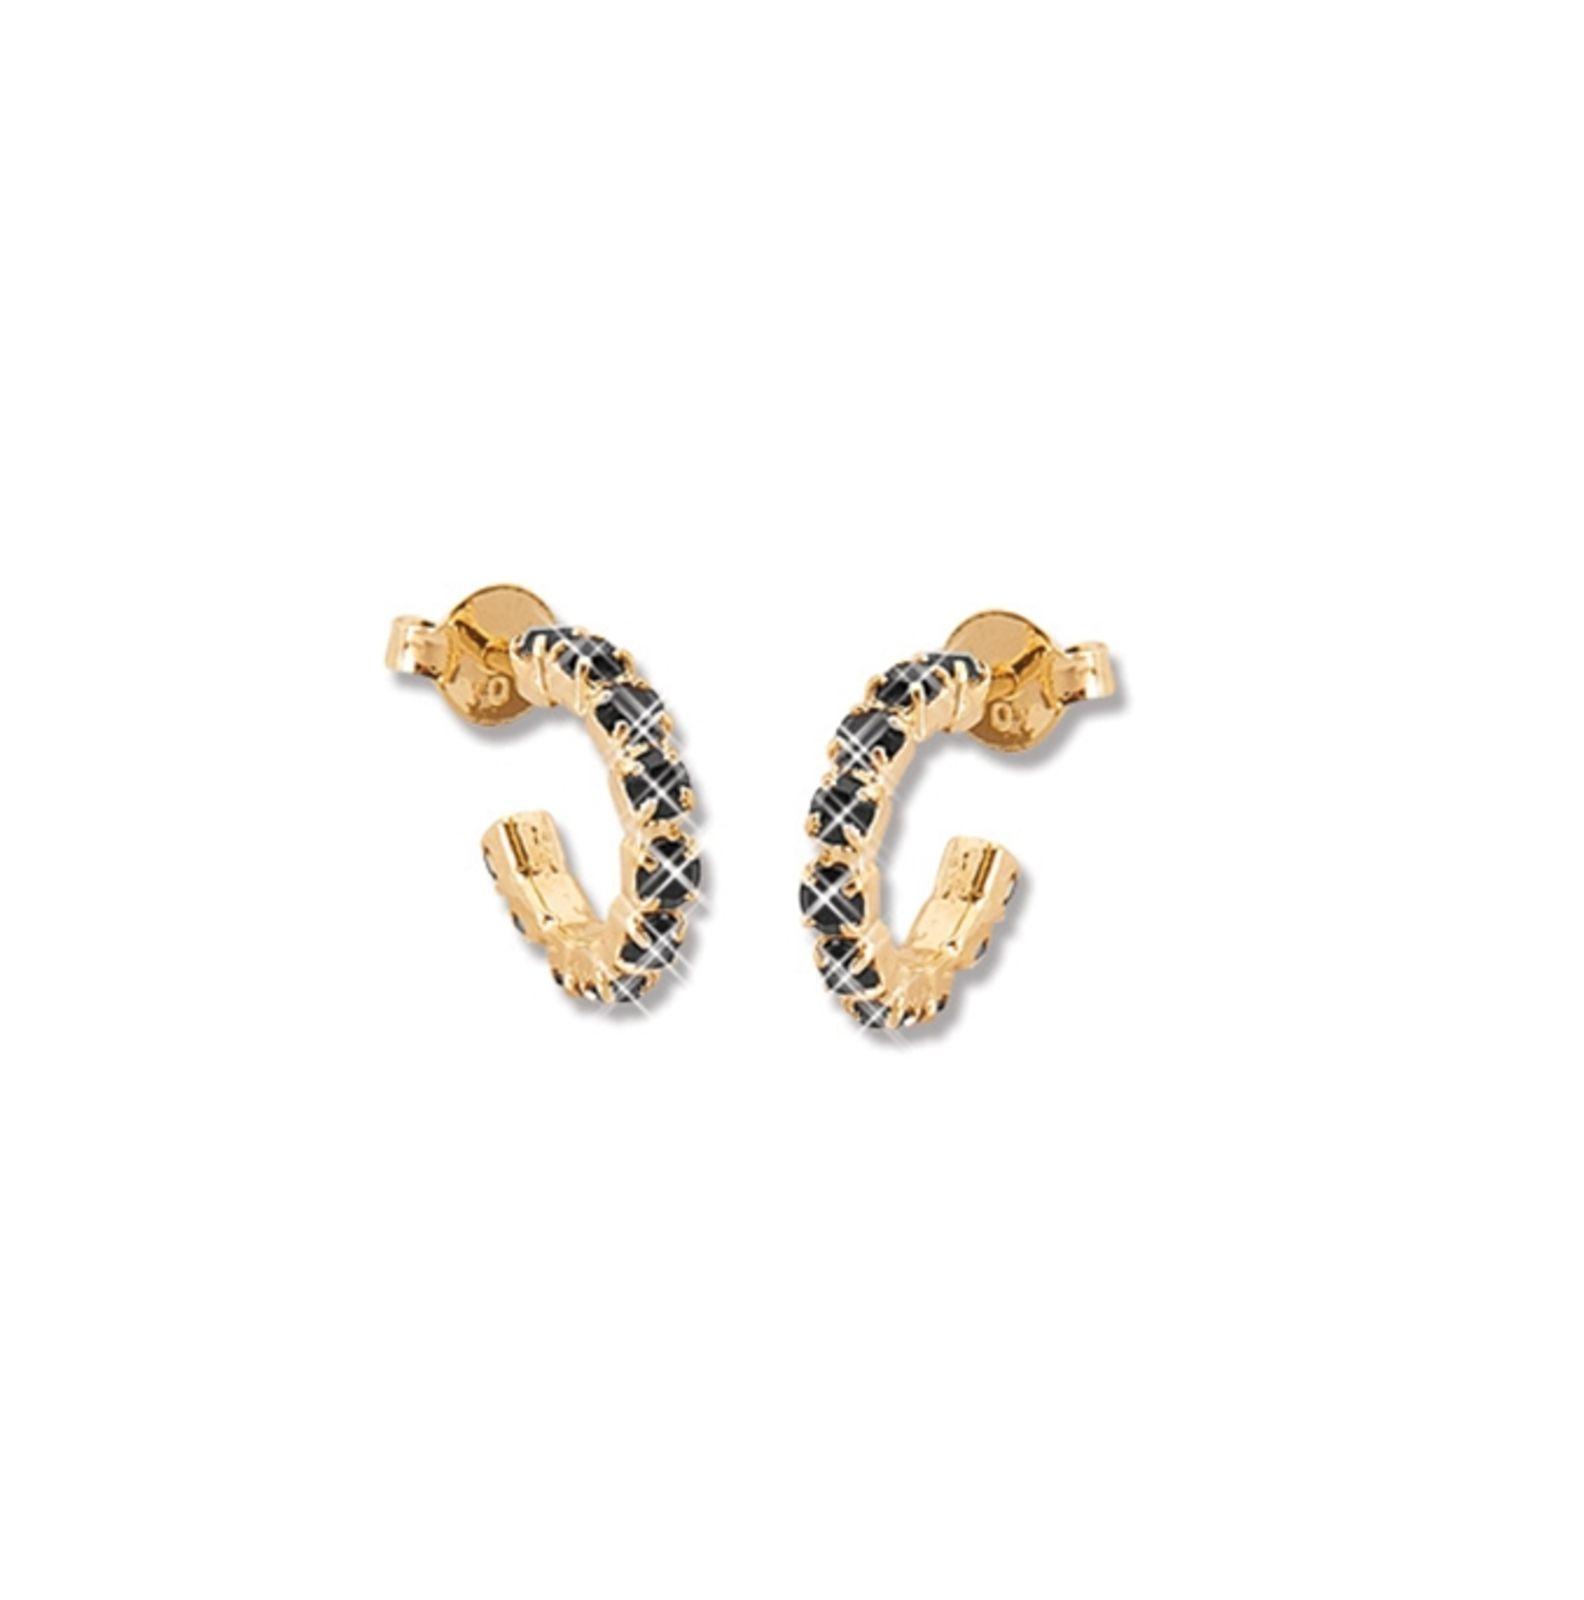 Argola Le Diamond Dourada com Pedras de Strass Preta